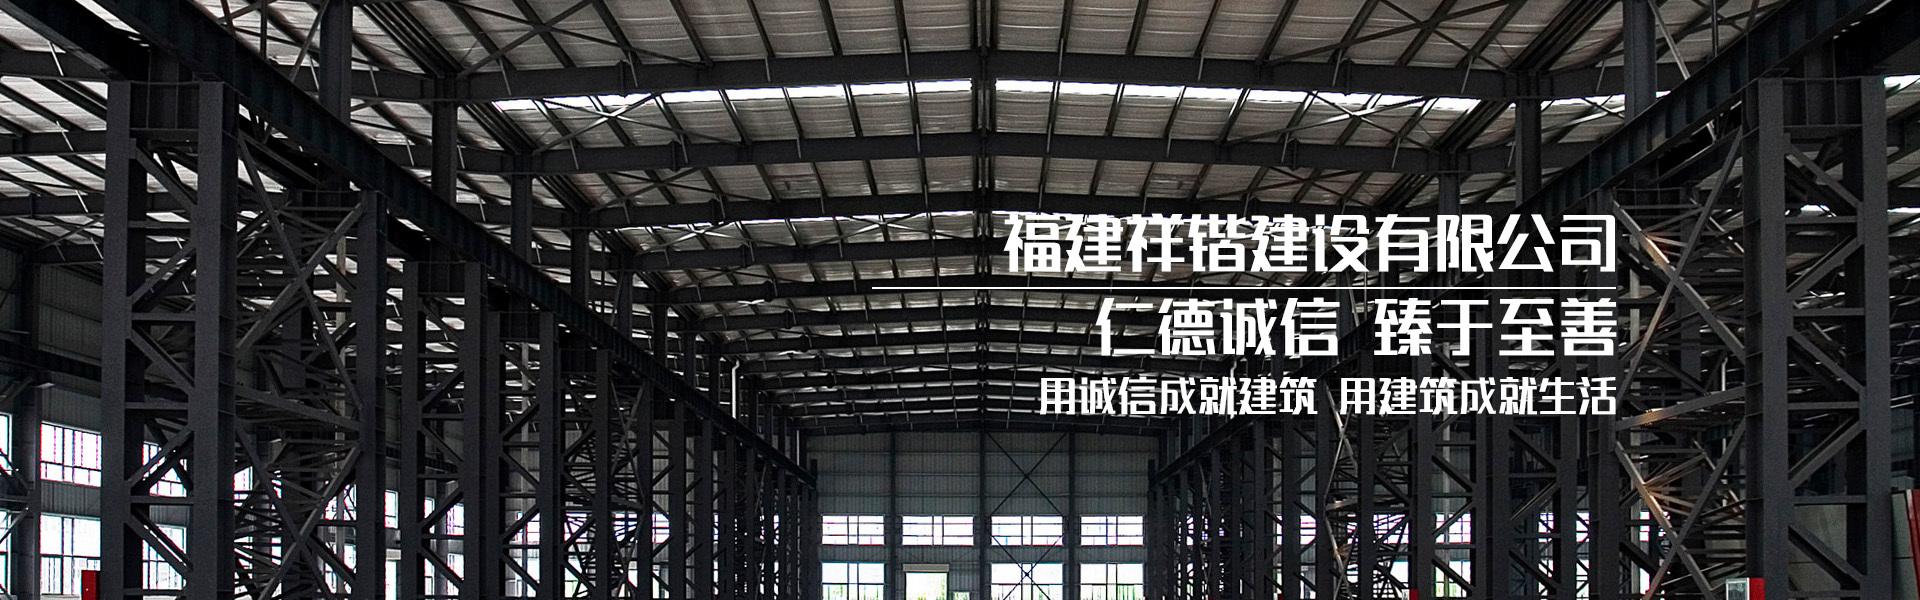 福建祥锴建设有限公司